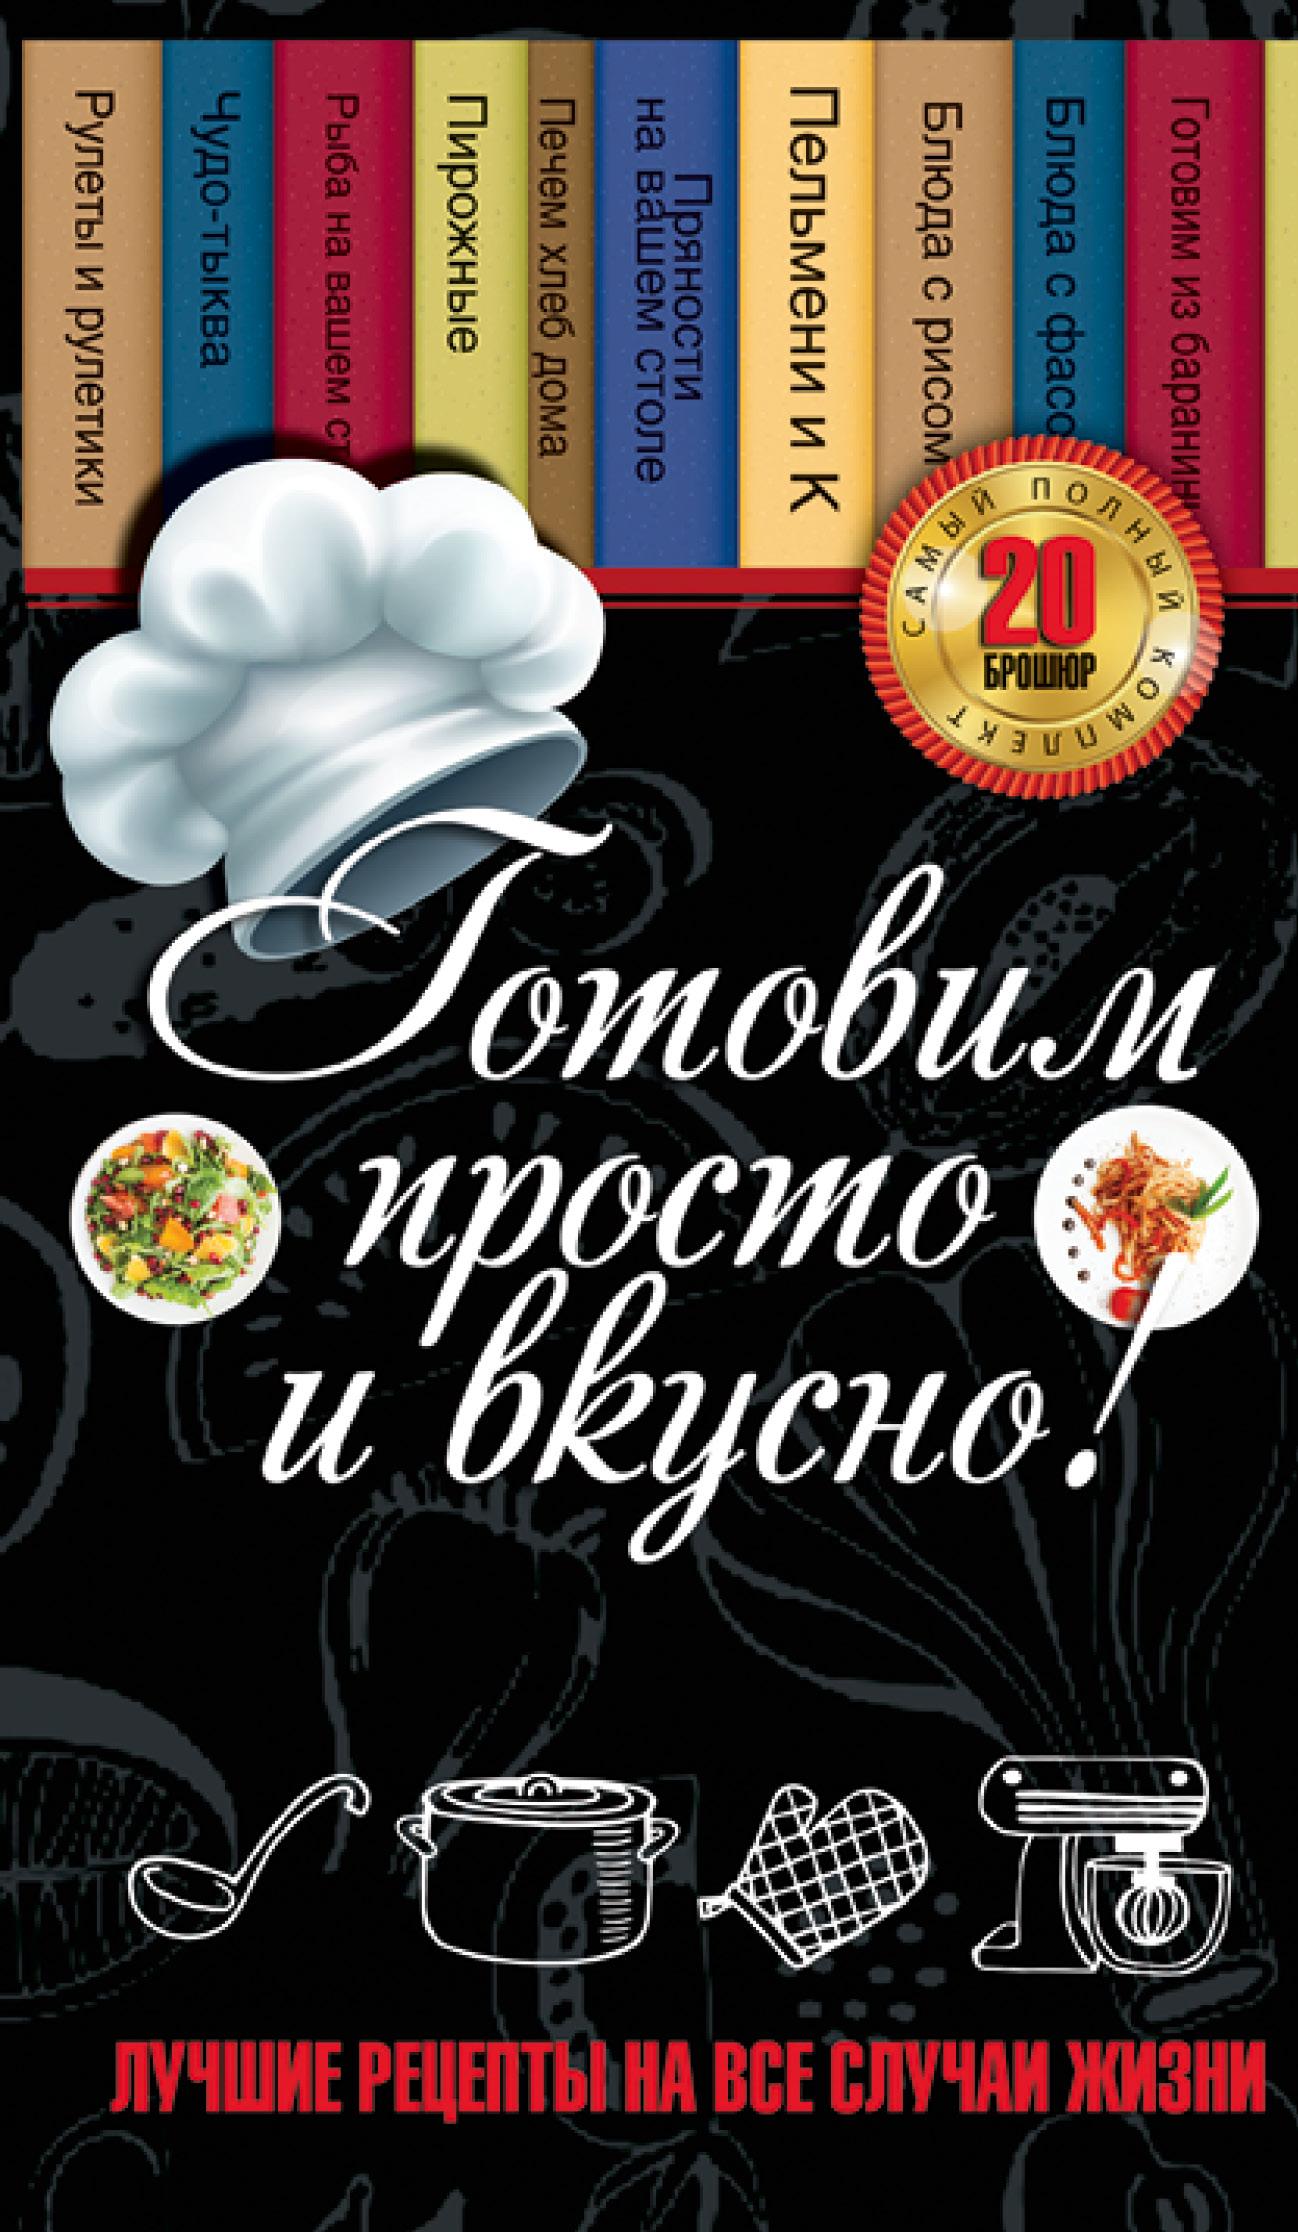 Готовим просто и вкусно. Лучшие рецепты на все случаи жизни 20 брошюр олег ольхов праздничные блюда на вашем столе